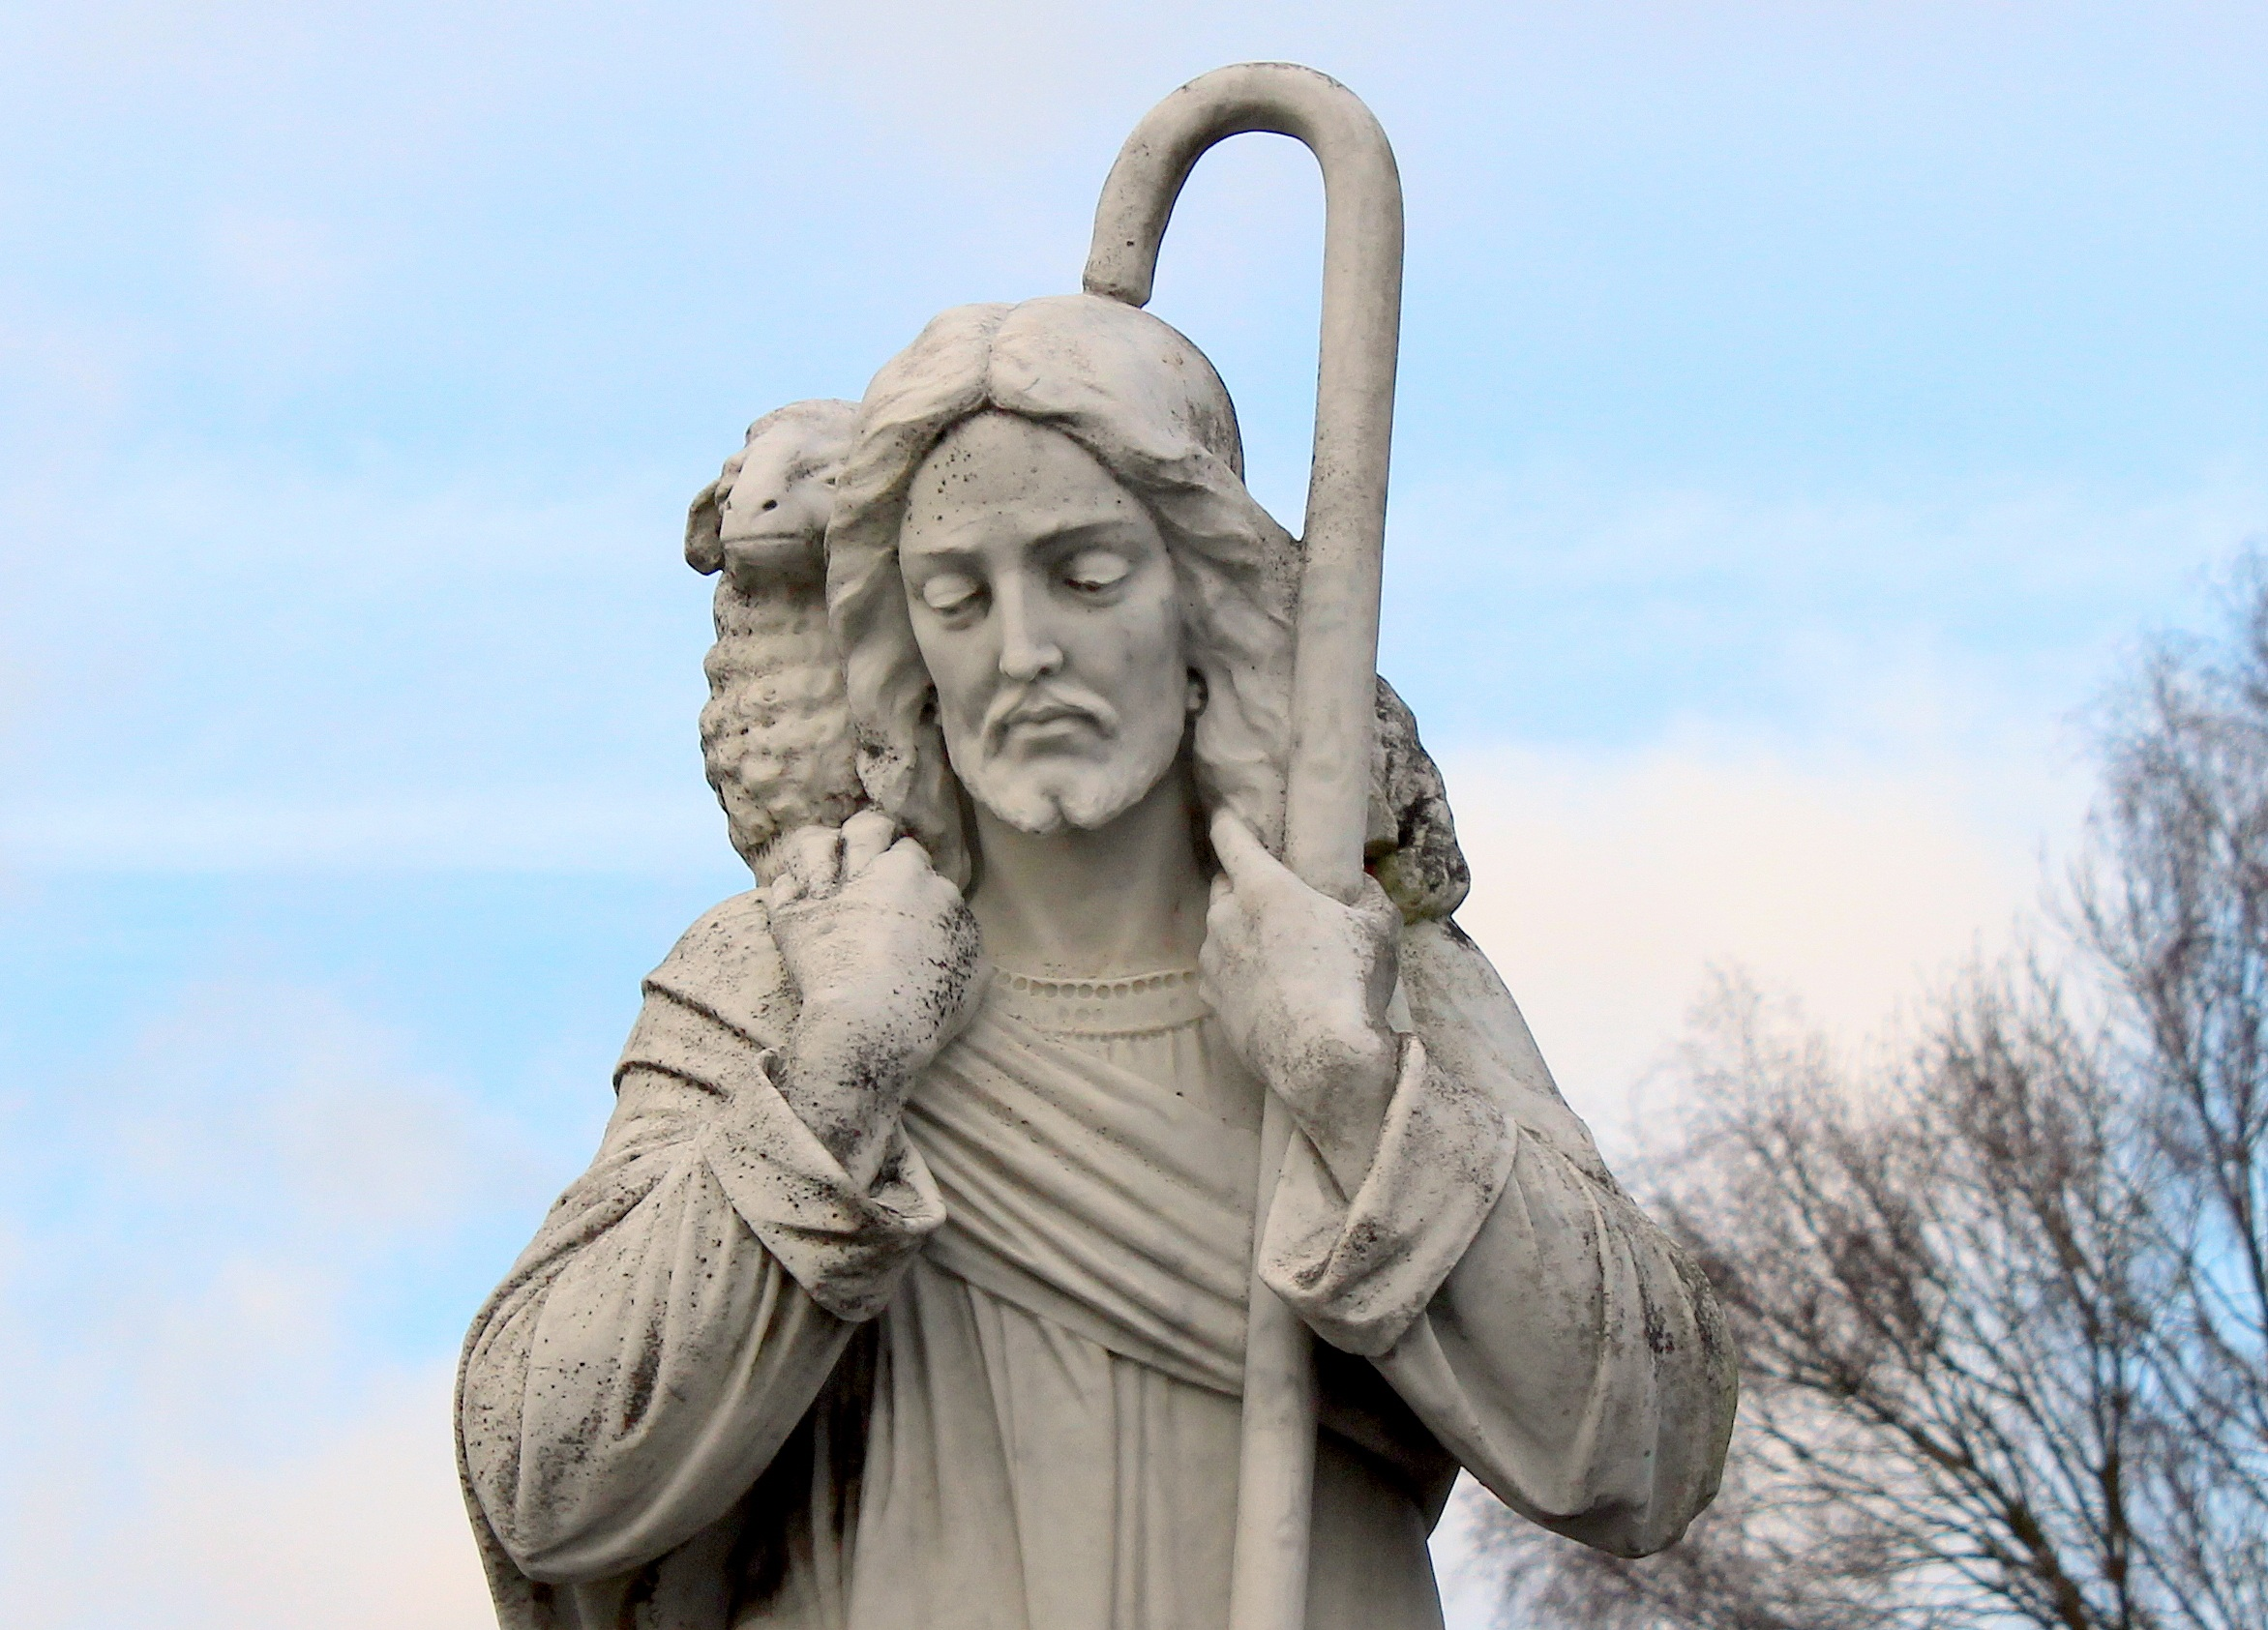 Jesus Sculpture